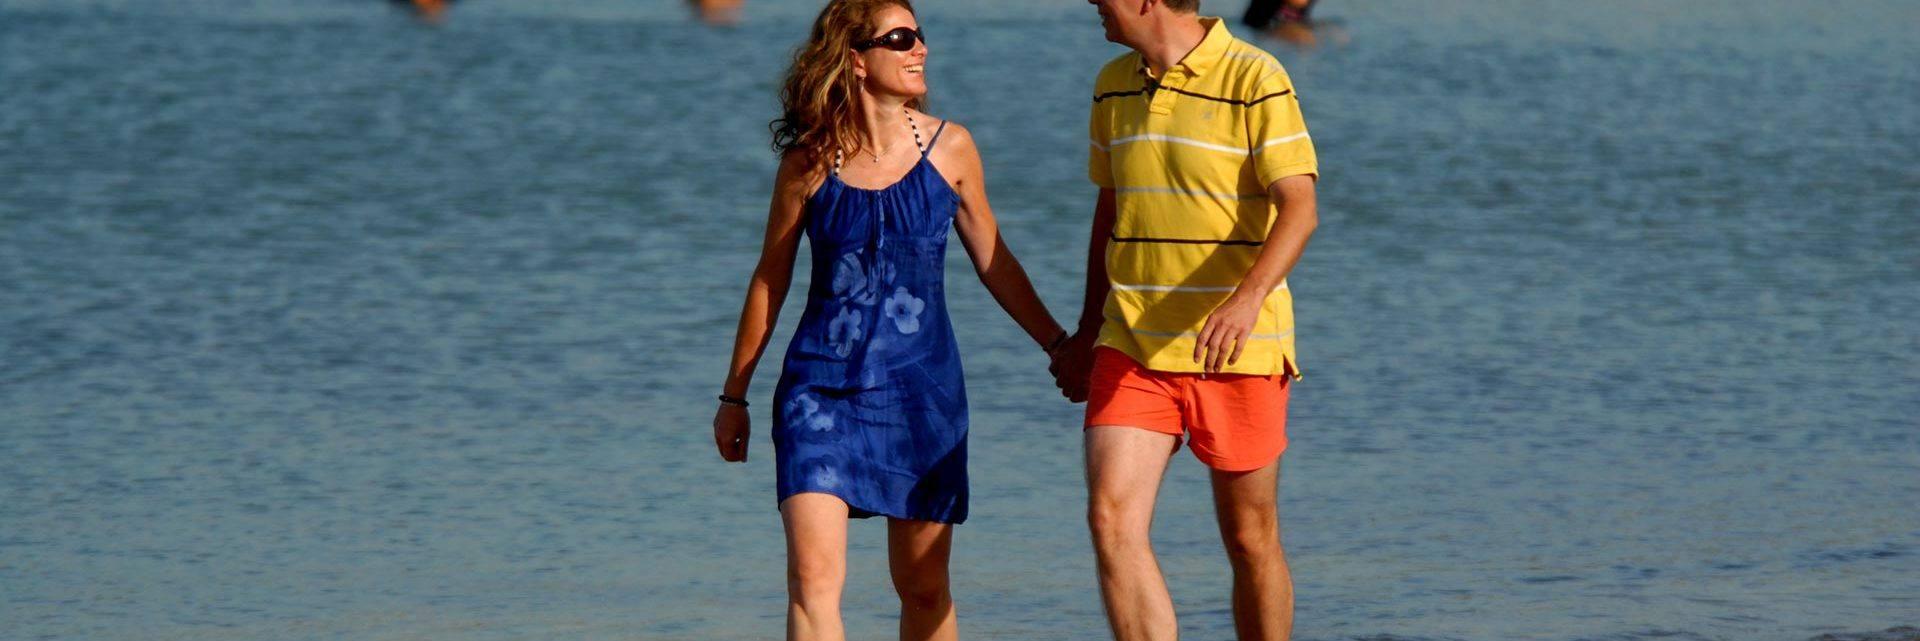 On Bandol Beach